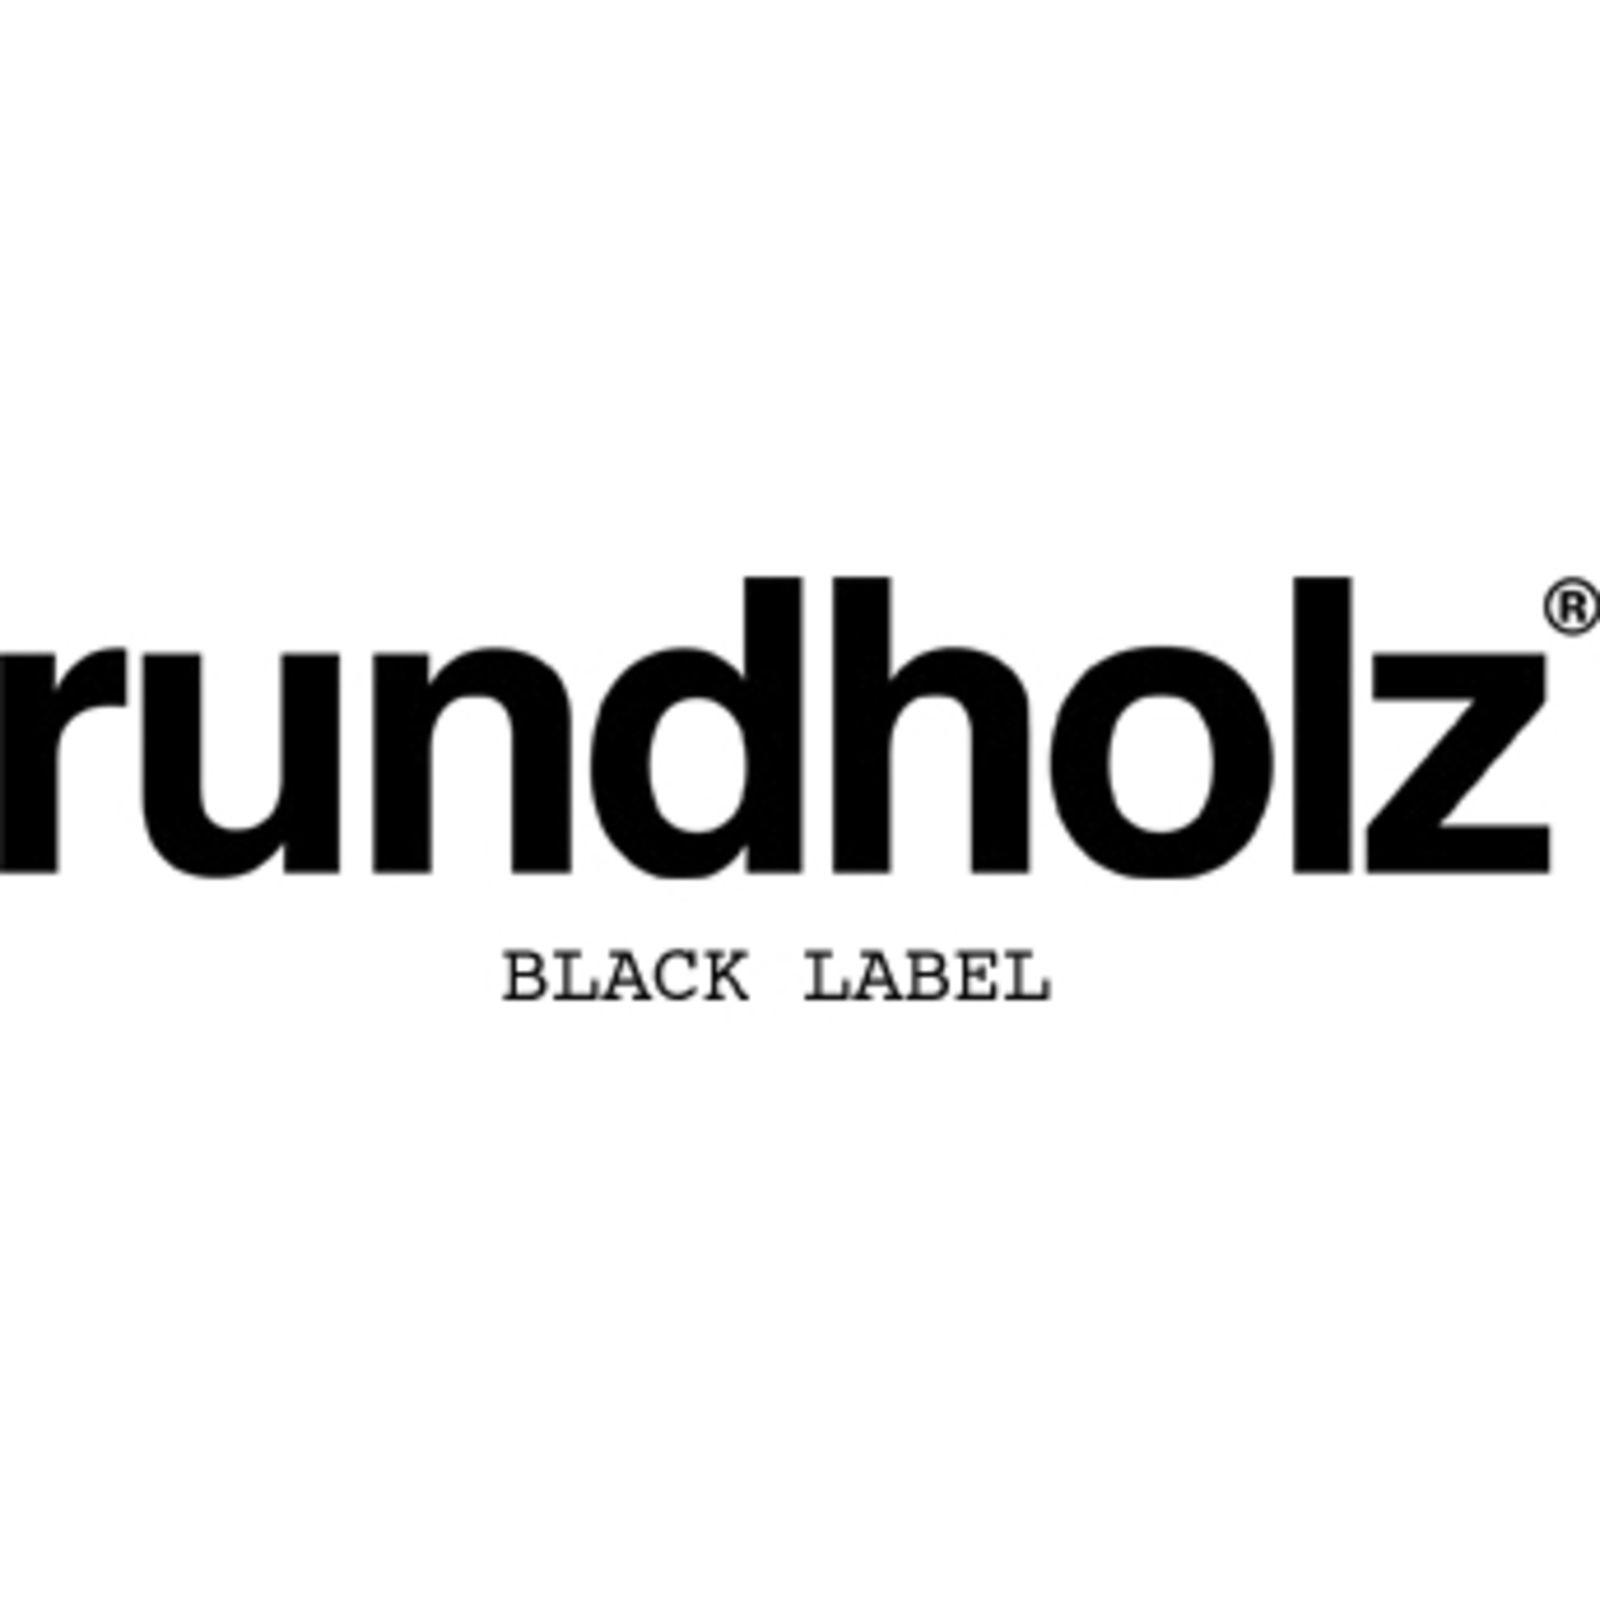 rundholz black label (Image 1)